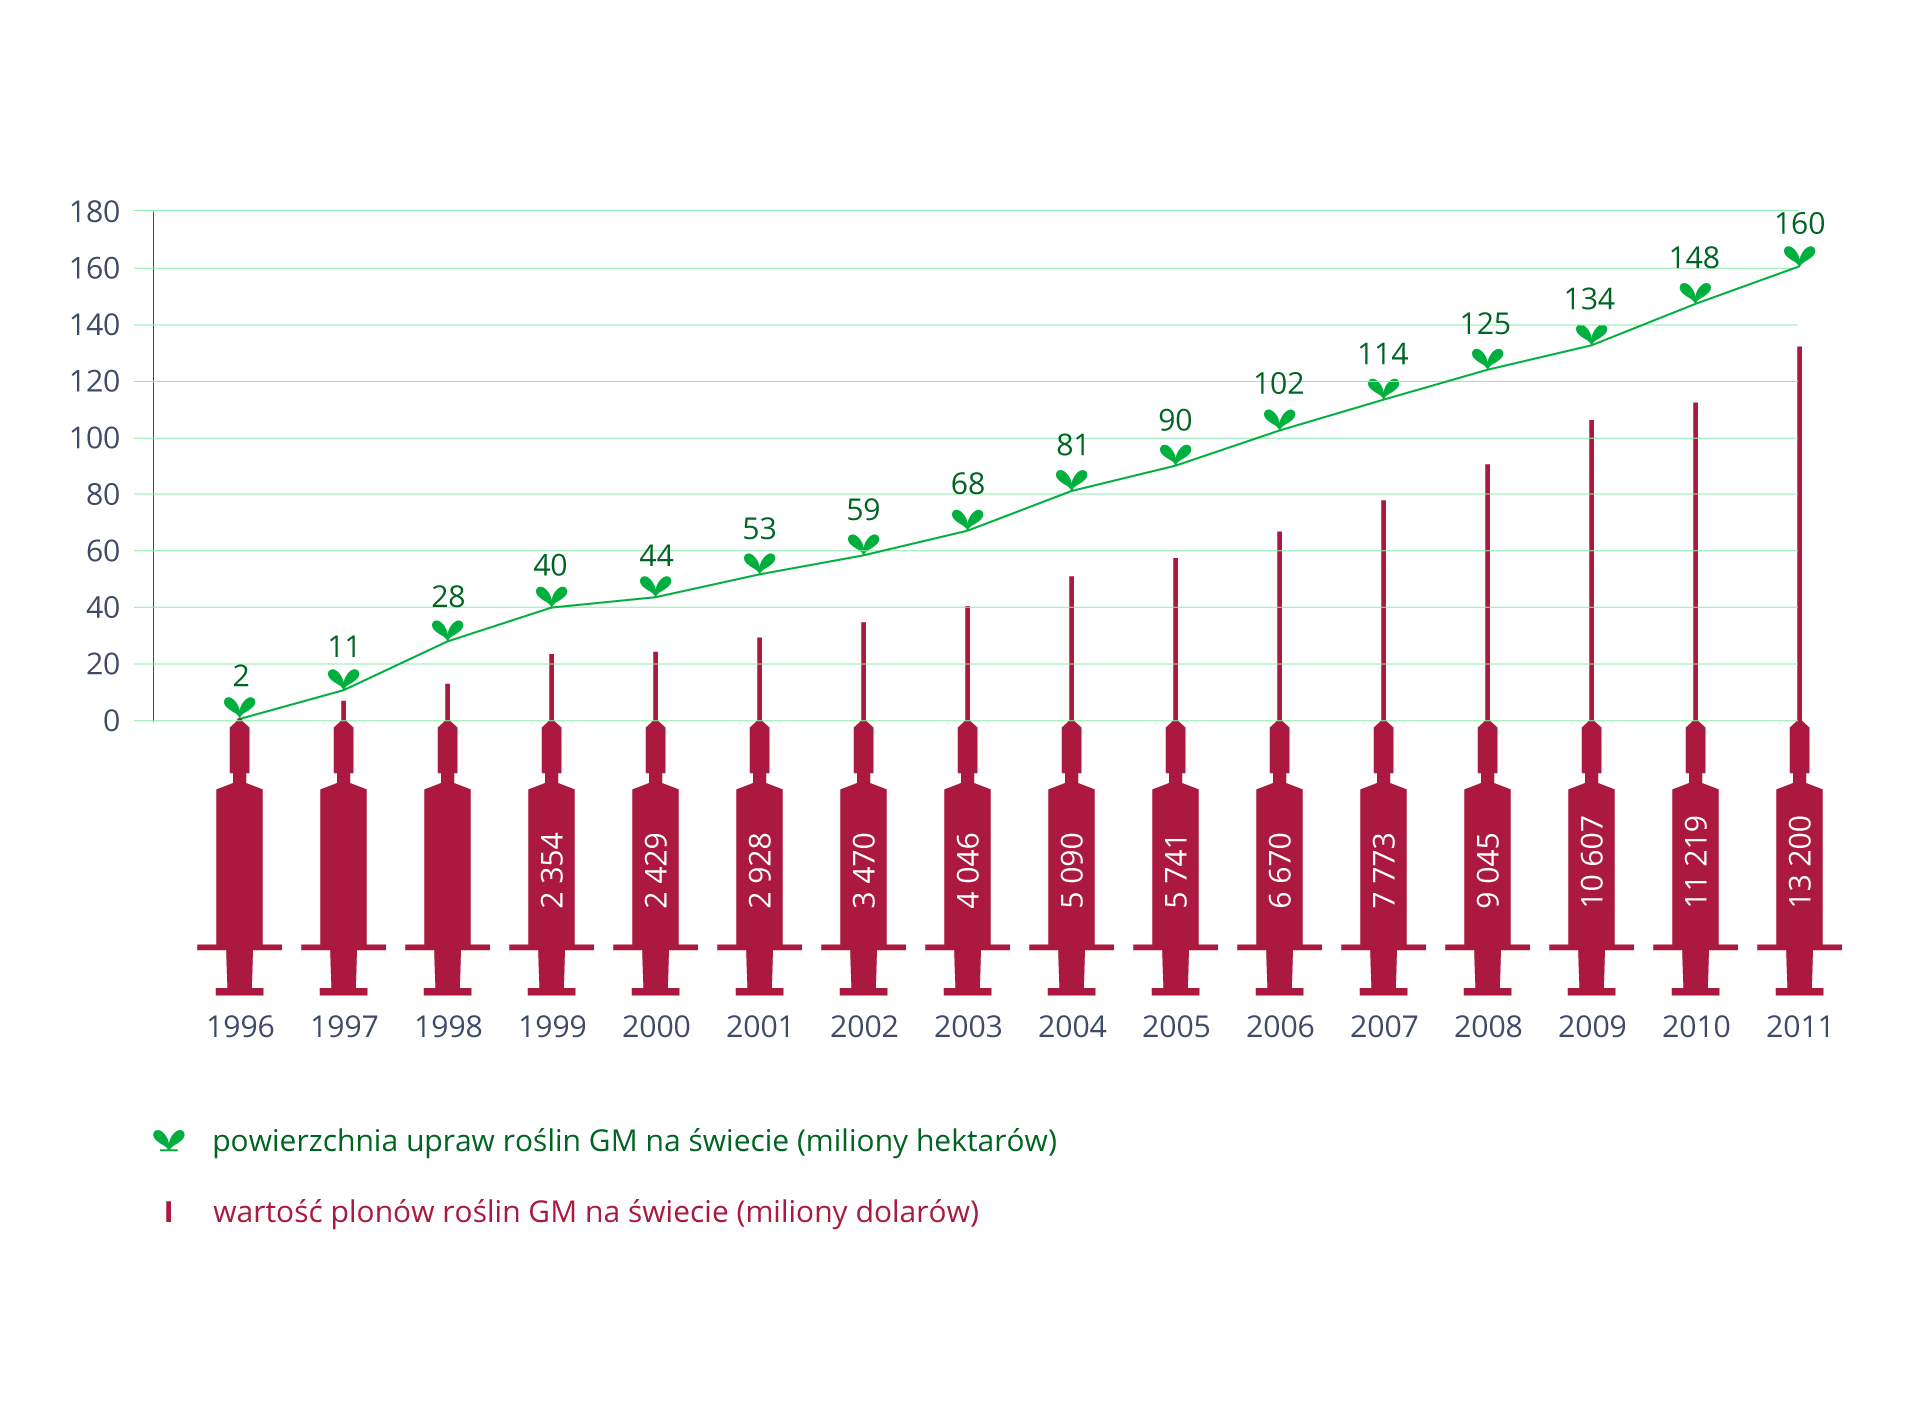 Wykres ilustruje zwiększanie się wciągu 15 lat powierzchni upraw GMO wpostaci niebieskiej linii zsymbolem zielonych listków. Czerwone strzykawki udołu mają wpisaną wartość plonów GMO wtym czasie, wmilionach dolarów.